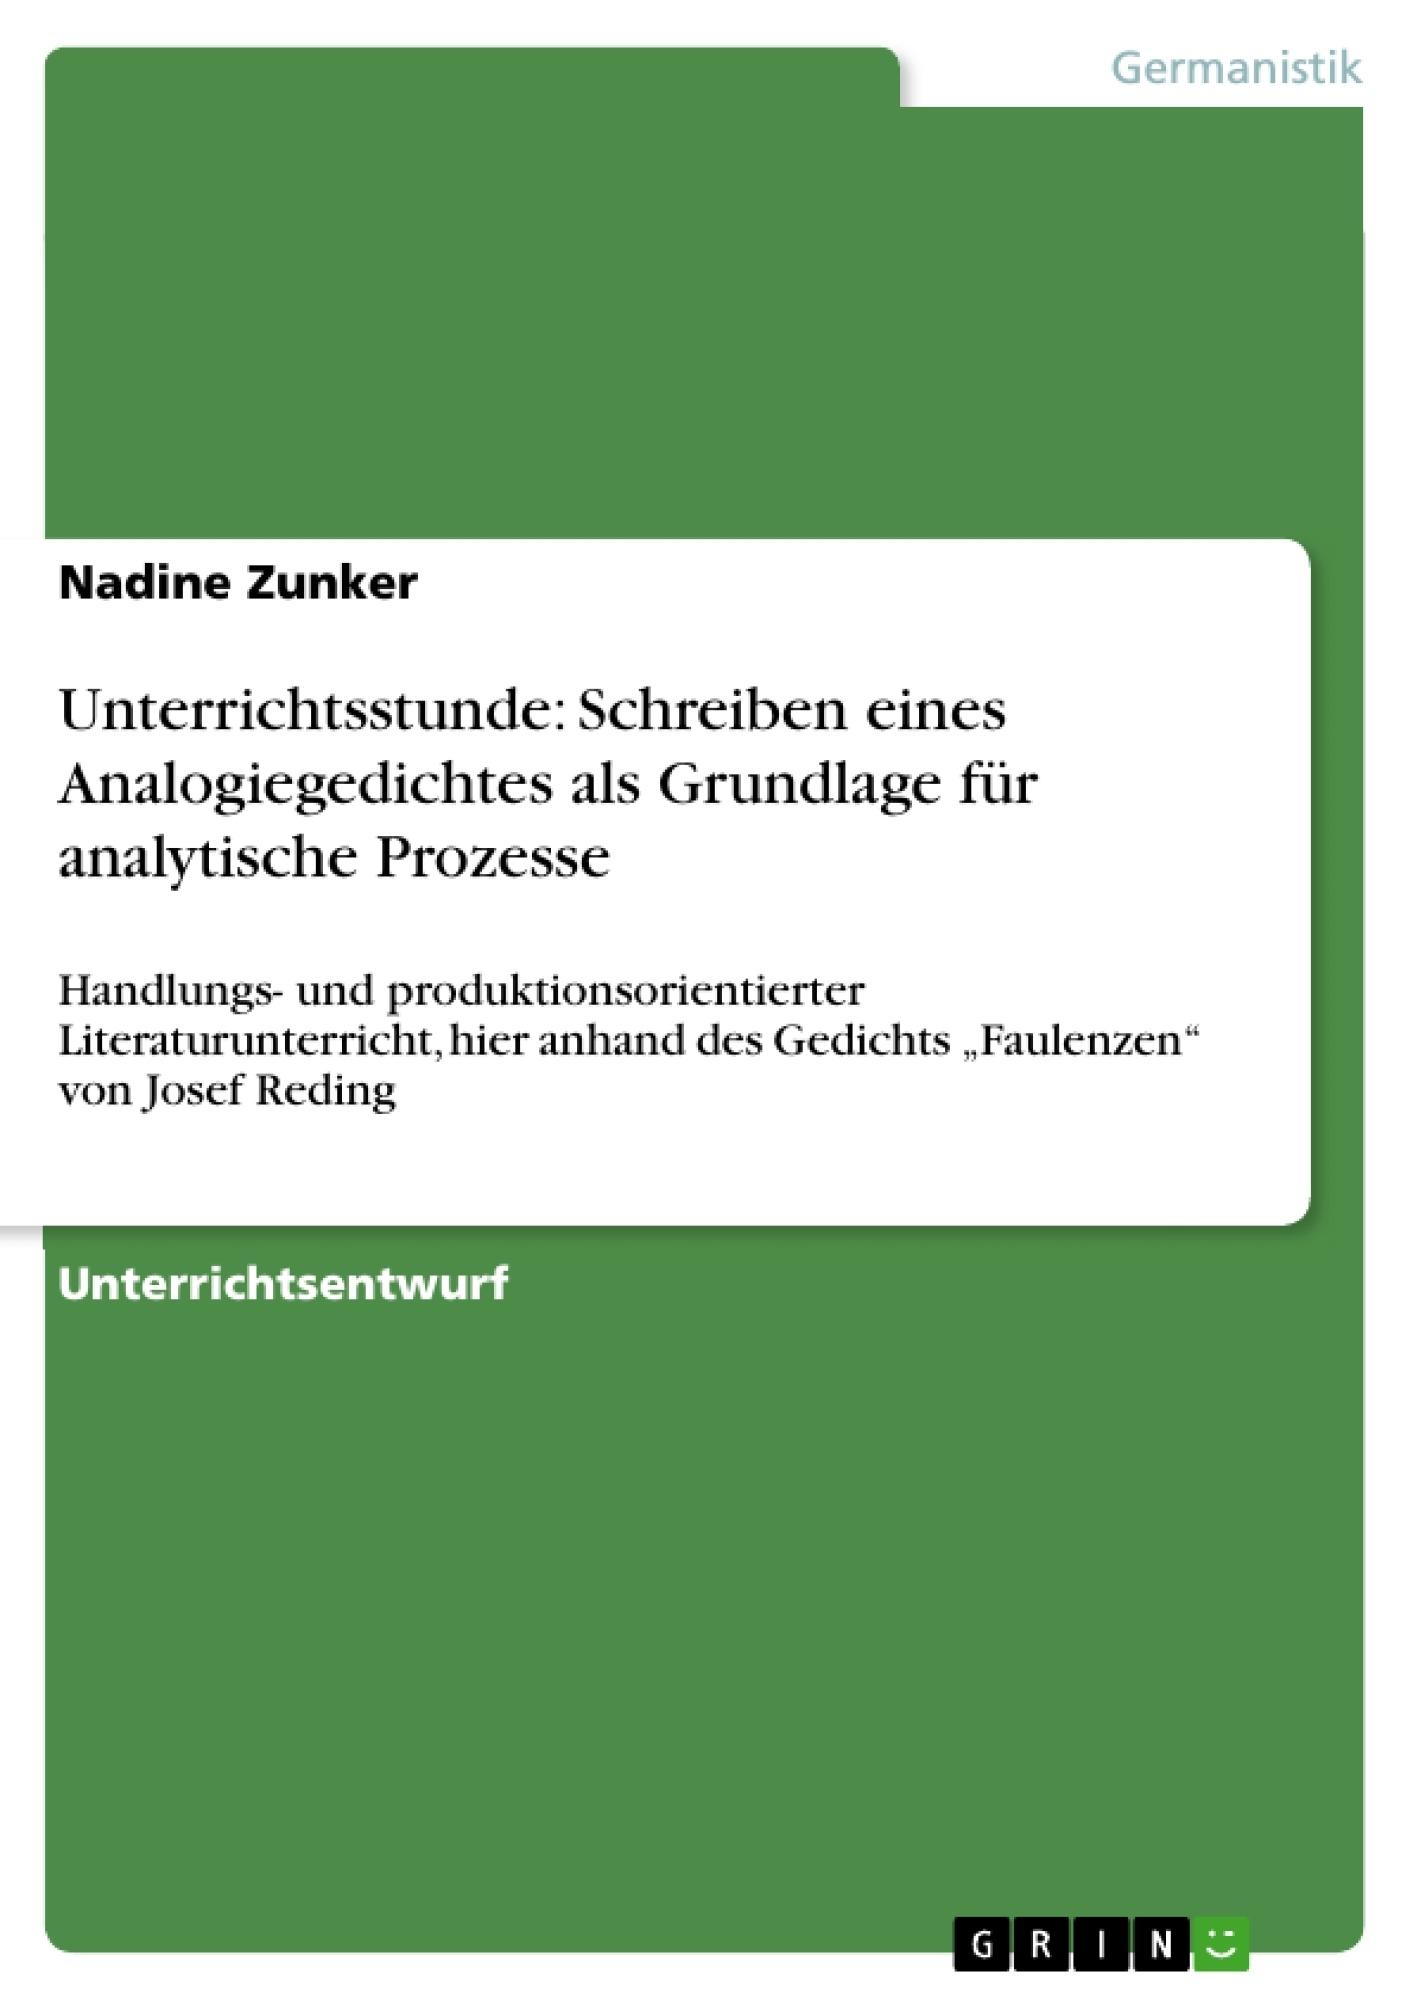 Titel: Unterrichtsstunde: Schreiben eines Analogiegedichtes als Grundlage für analytische Prozesse